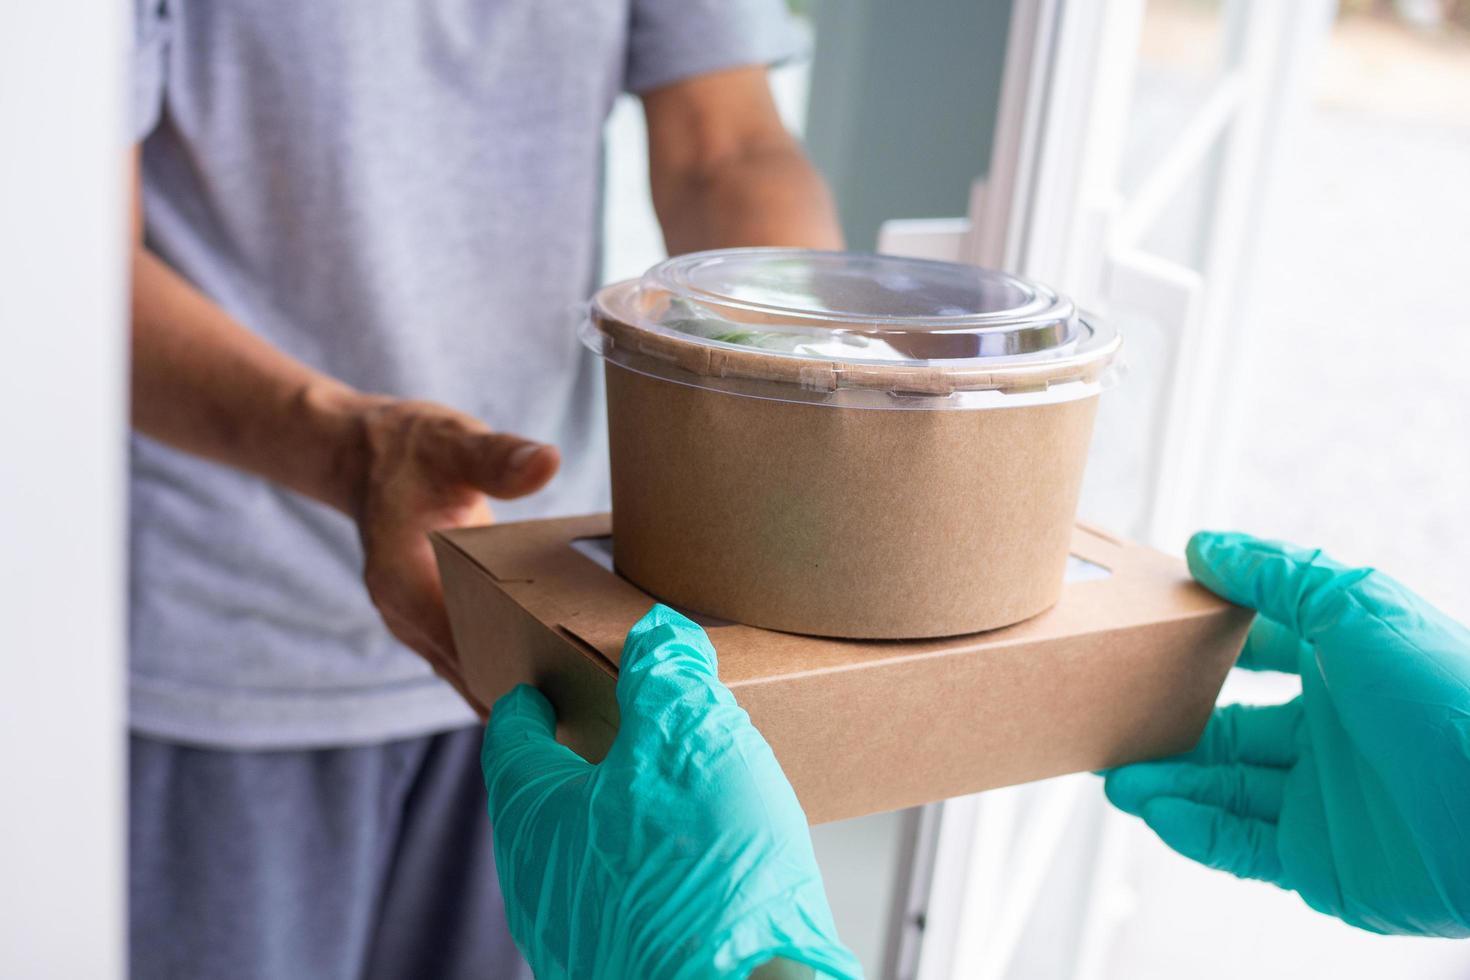 travailleur de la livraison de nourriture rencontre le client à la porte avec de la nourriture à emporter photo